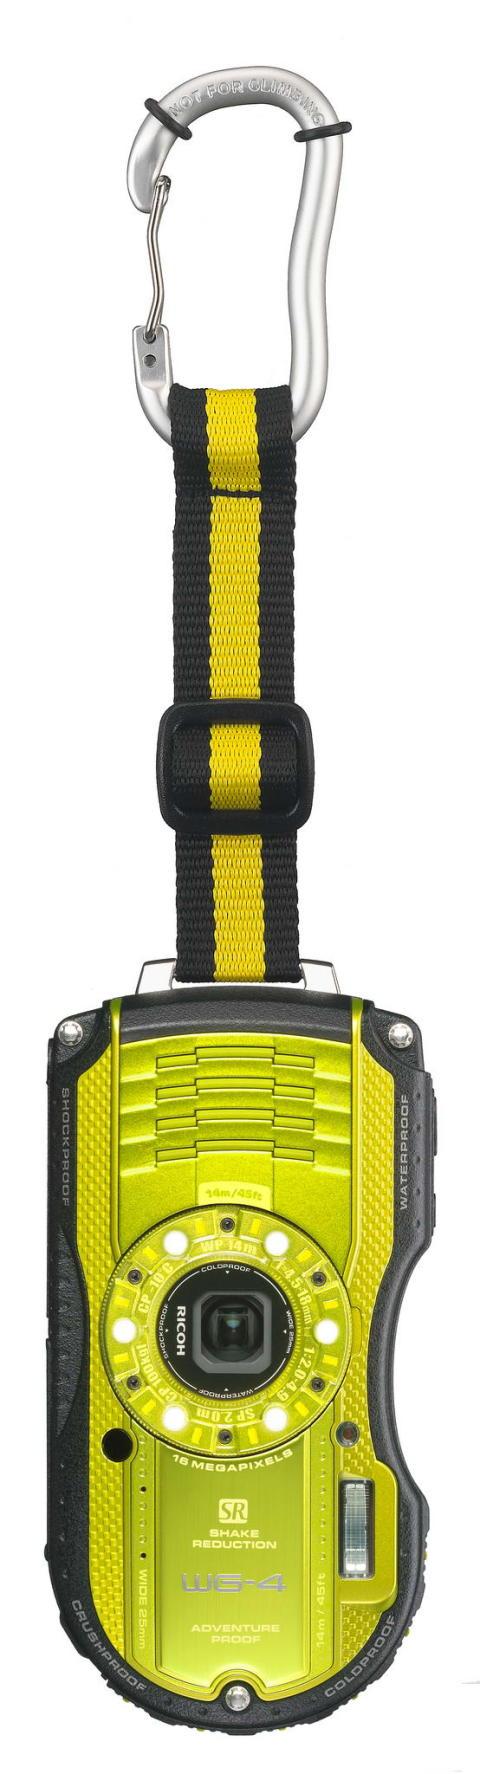 Ricoh WG-4 gul med karbinhake